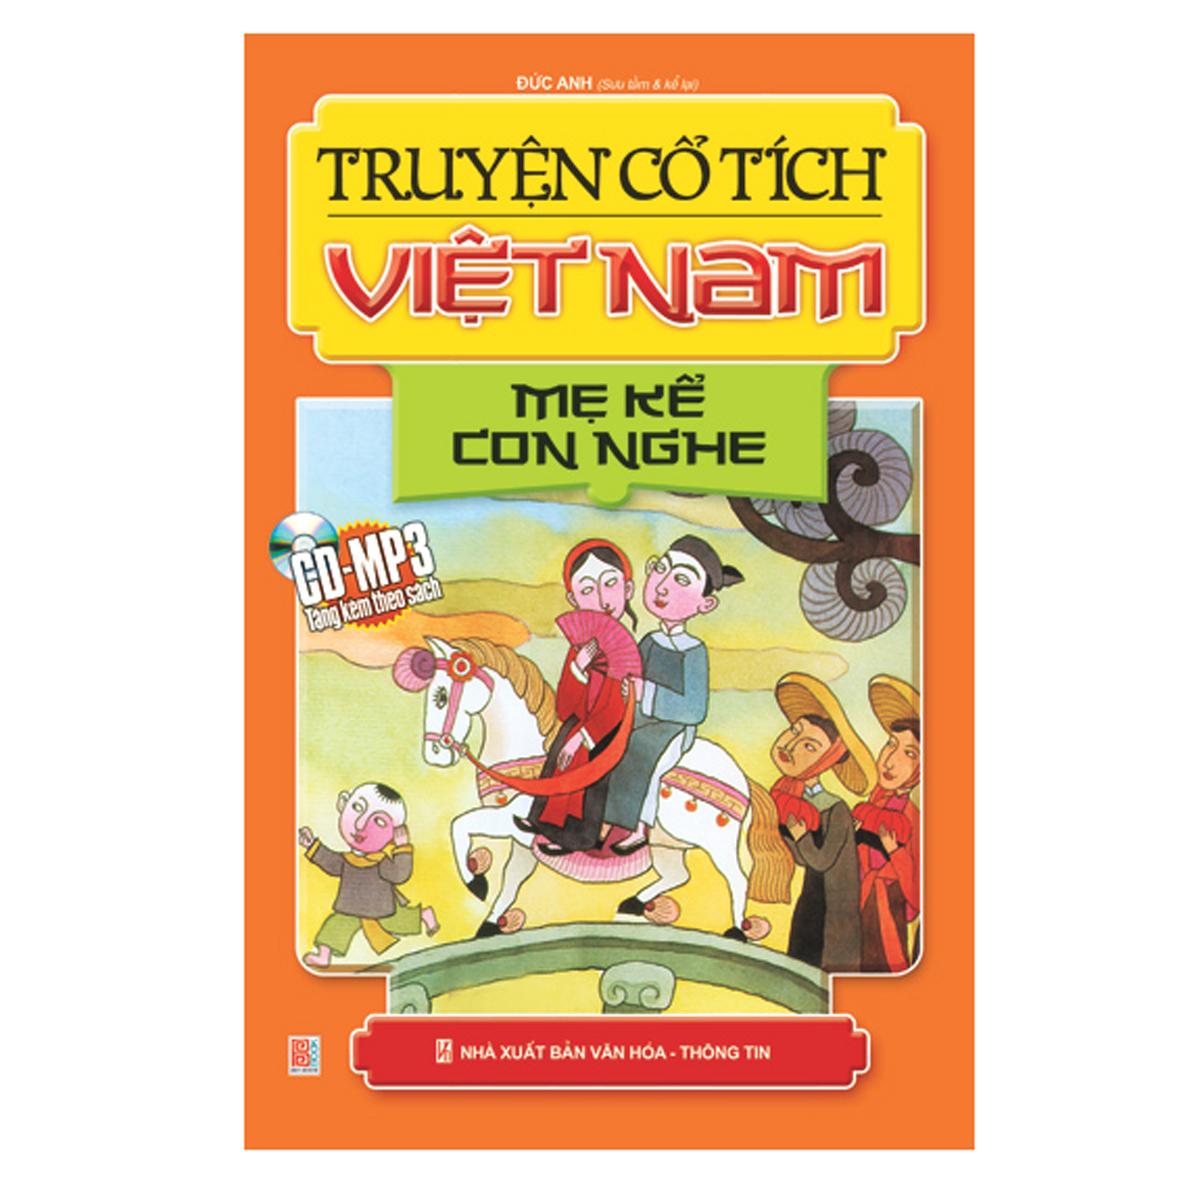 Truyen co tich Viet Nam me ke con nghe